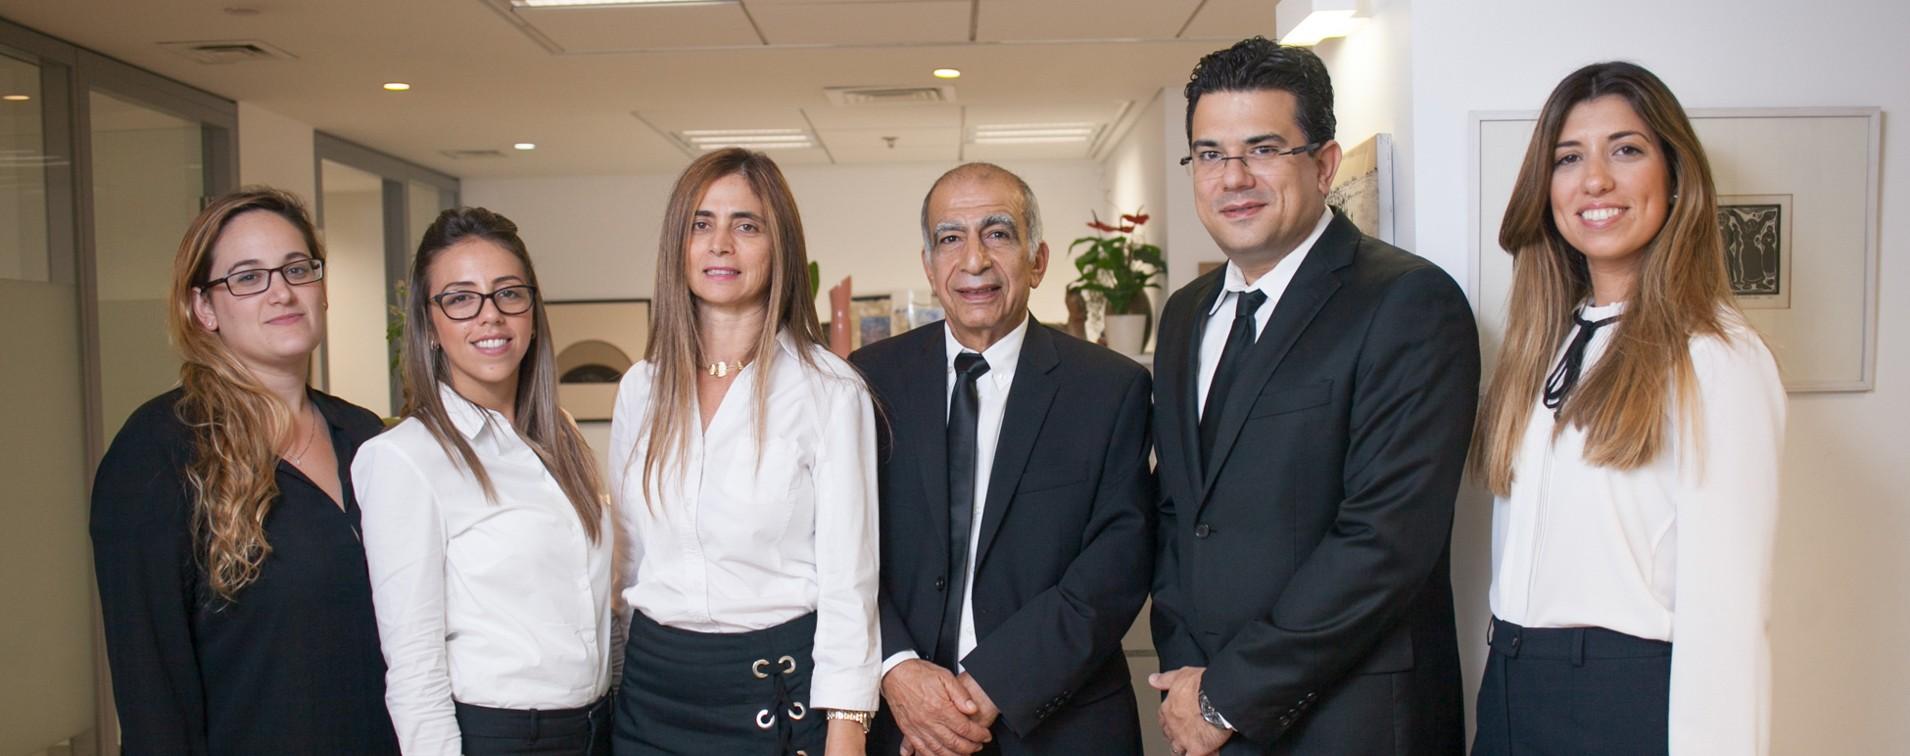 משרד עורכי דין גירושין אמיר זבולון בתמונה קבוצתית